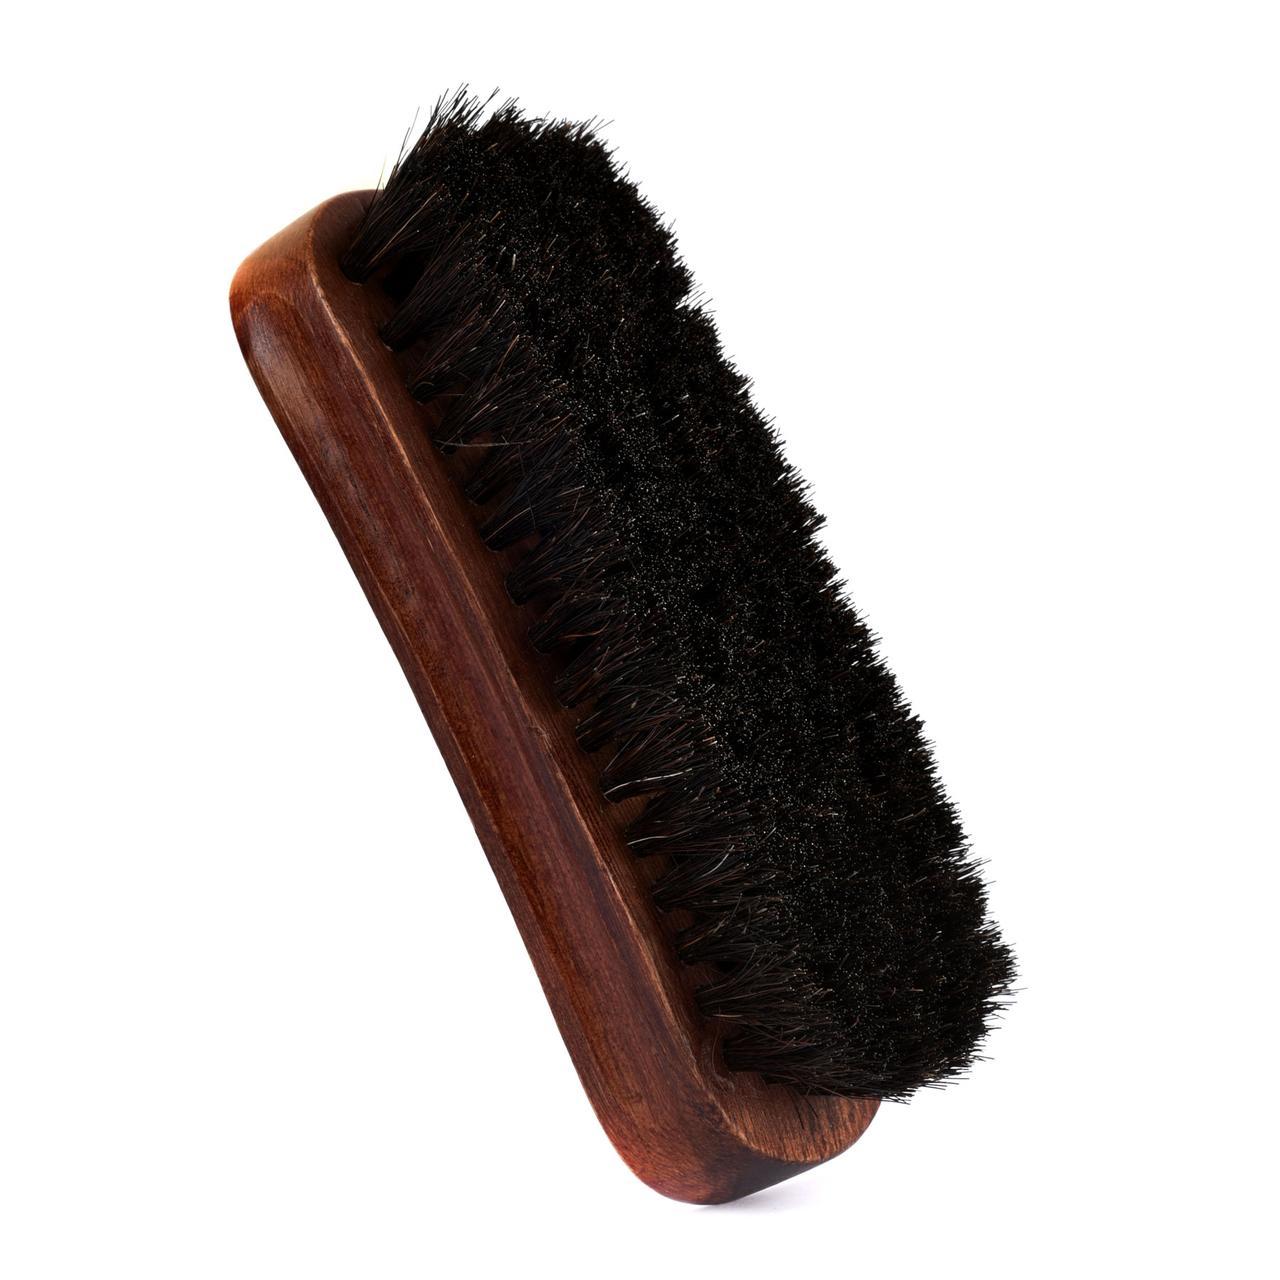 Щетка малая полировочная конский волос темный EASY (13 cm)